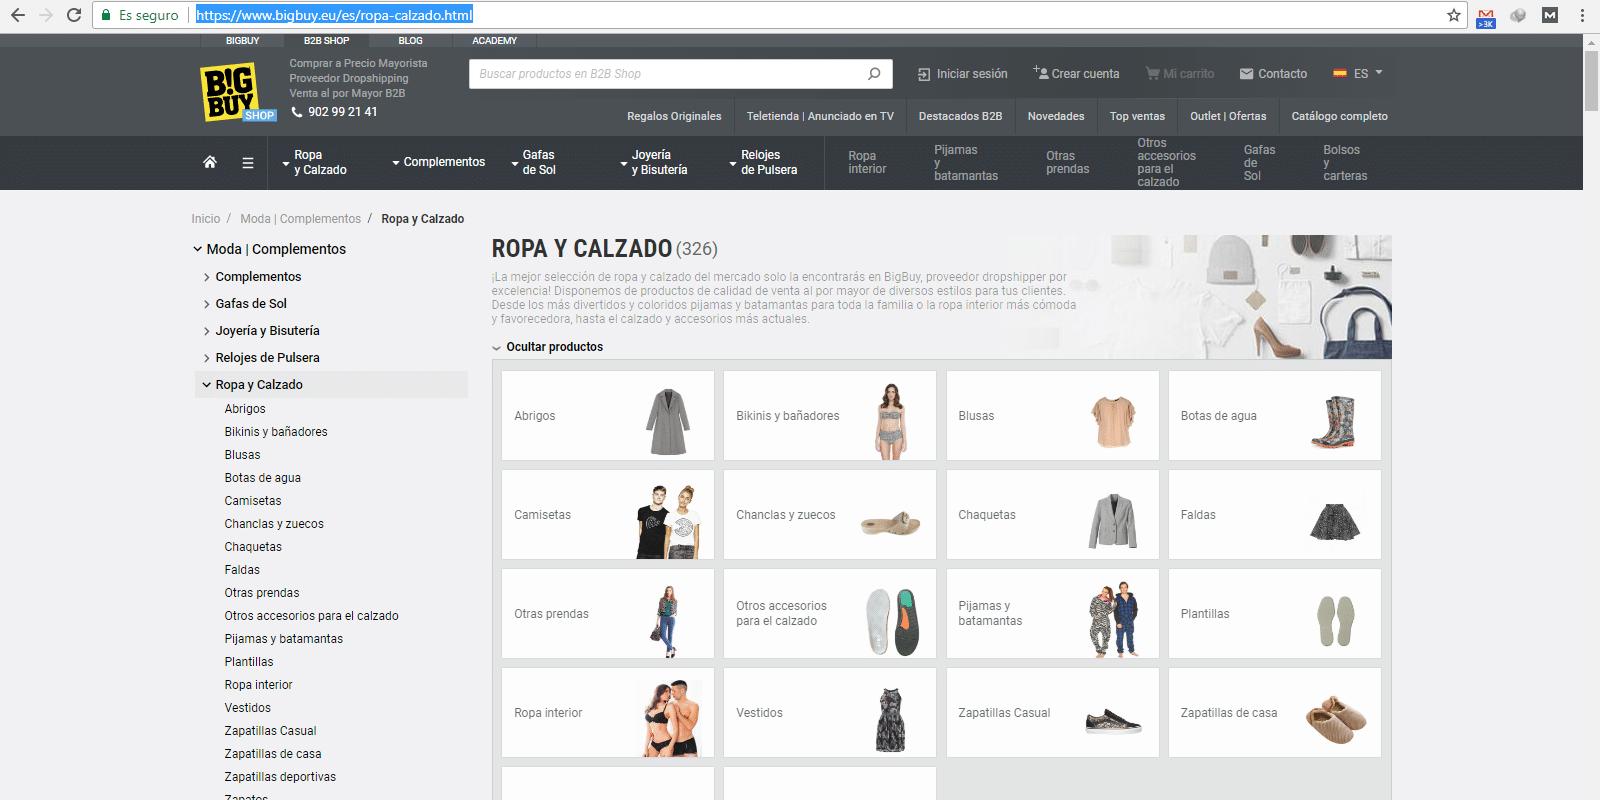 Dónde comprar ropa para vender: ¡Aquí la respuesta!